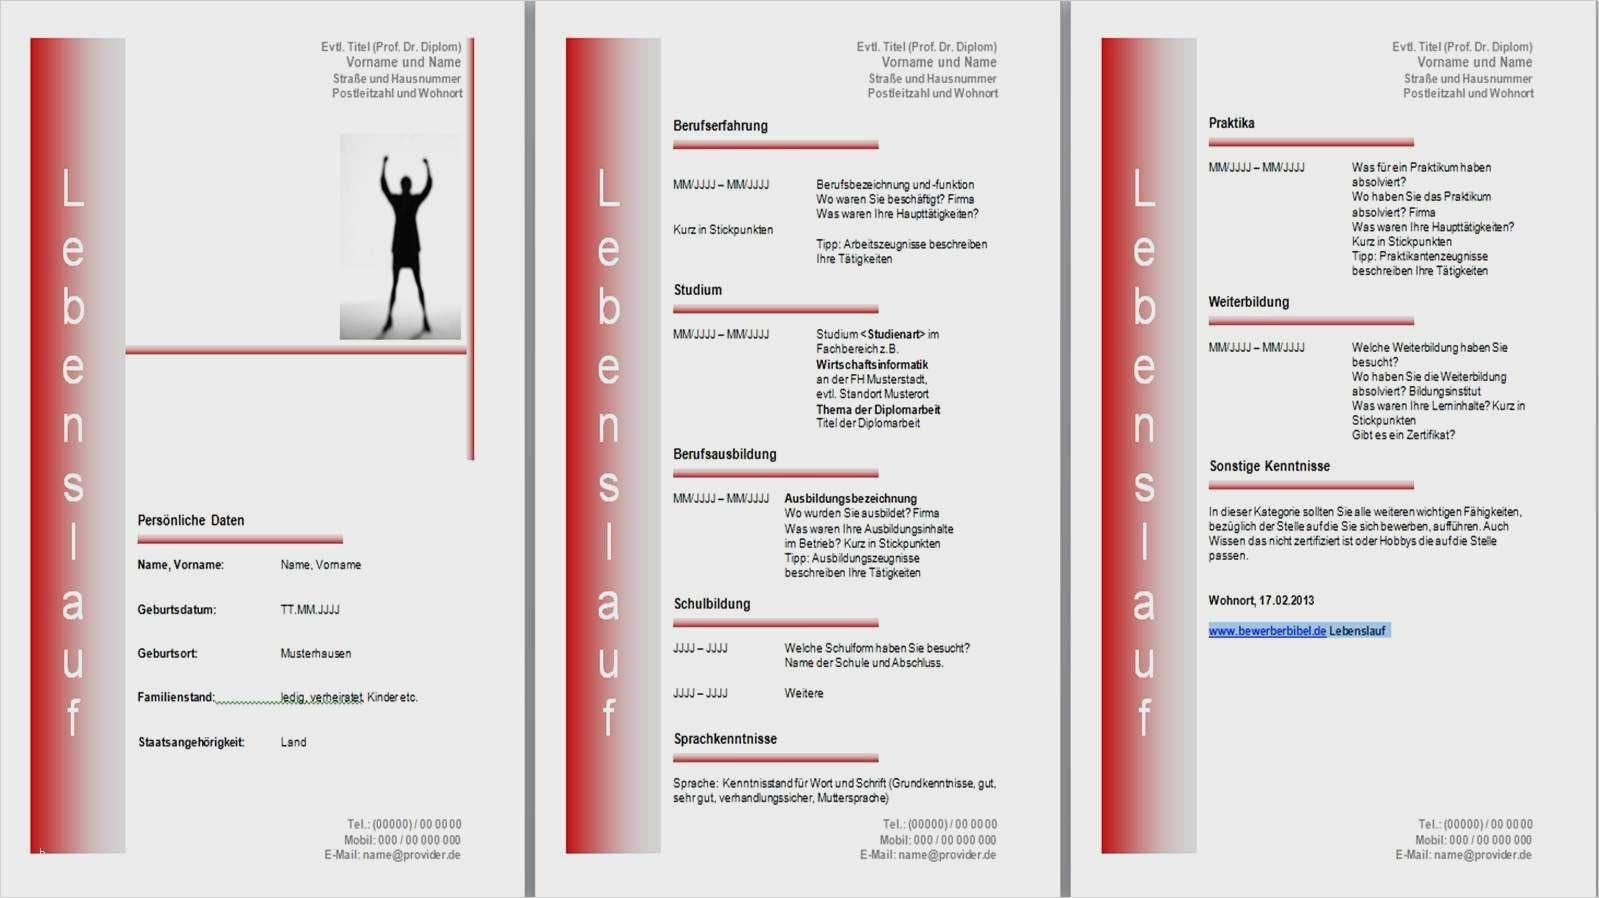 Fabelhaft Bonuskarte Vorlage Gratis Nobel Sie Konnen Anpassen Fur Ihre Erstaunlichen Motivati In 2020 Vorlagen Lebenslauf Lebenslauf Lebenslauf Vorlagen Word